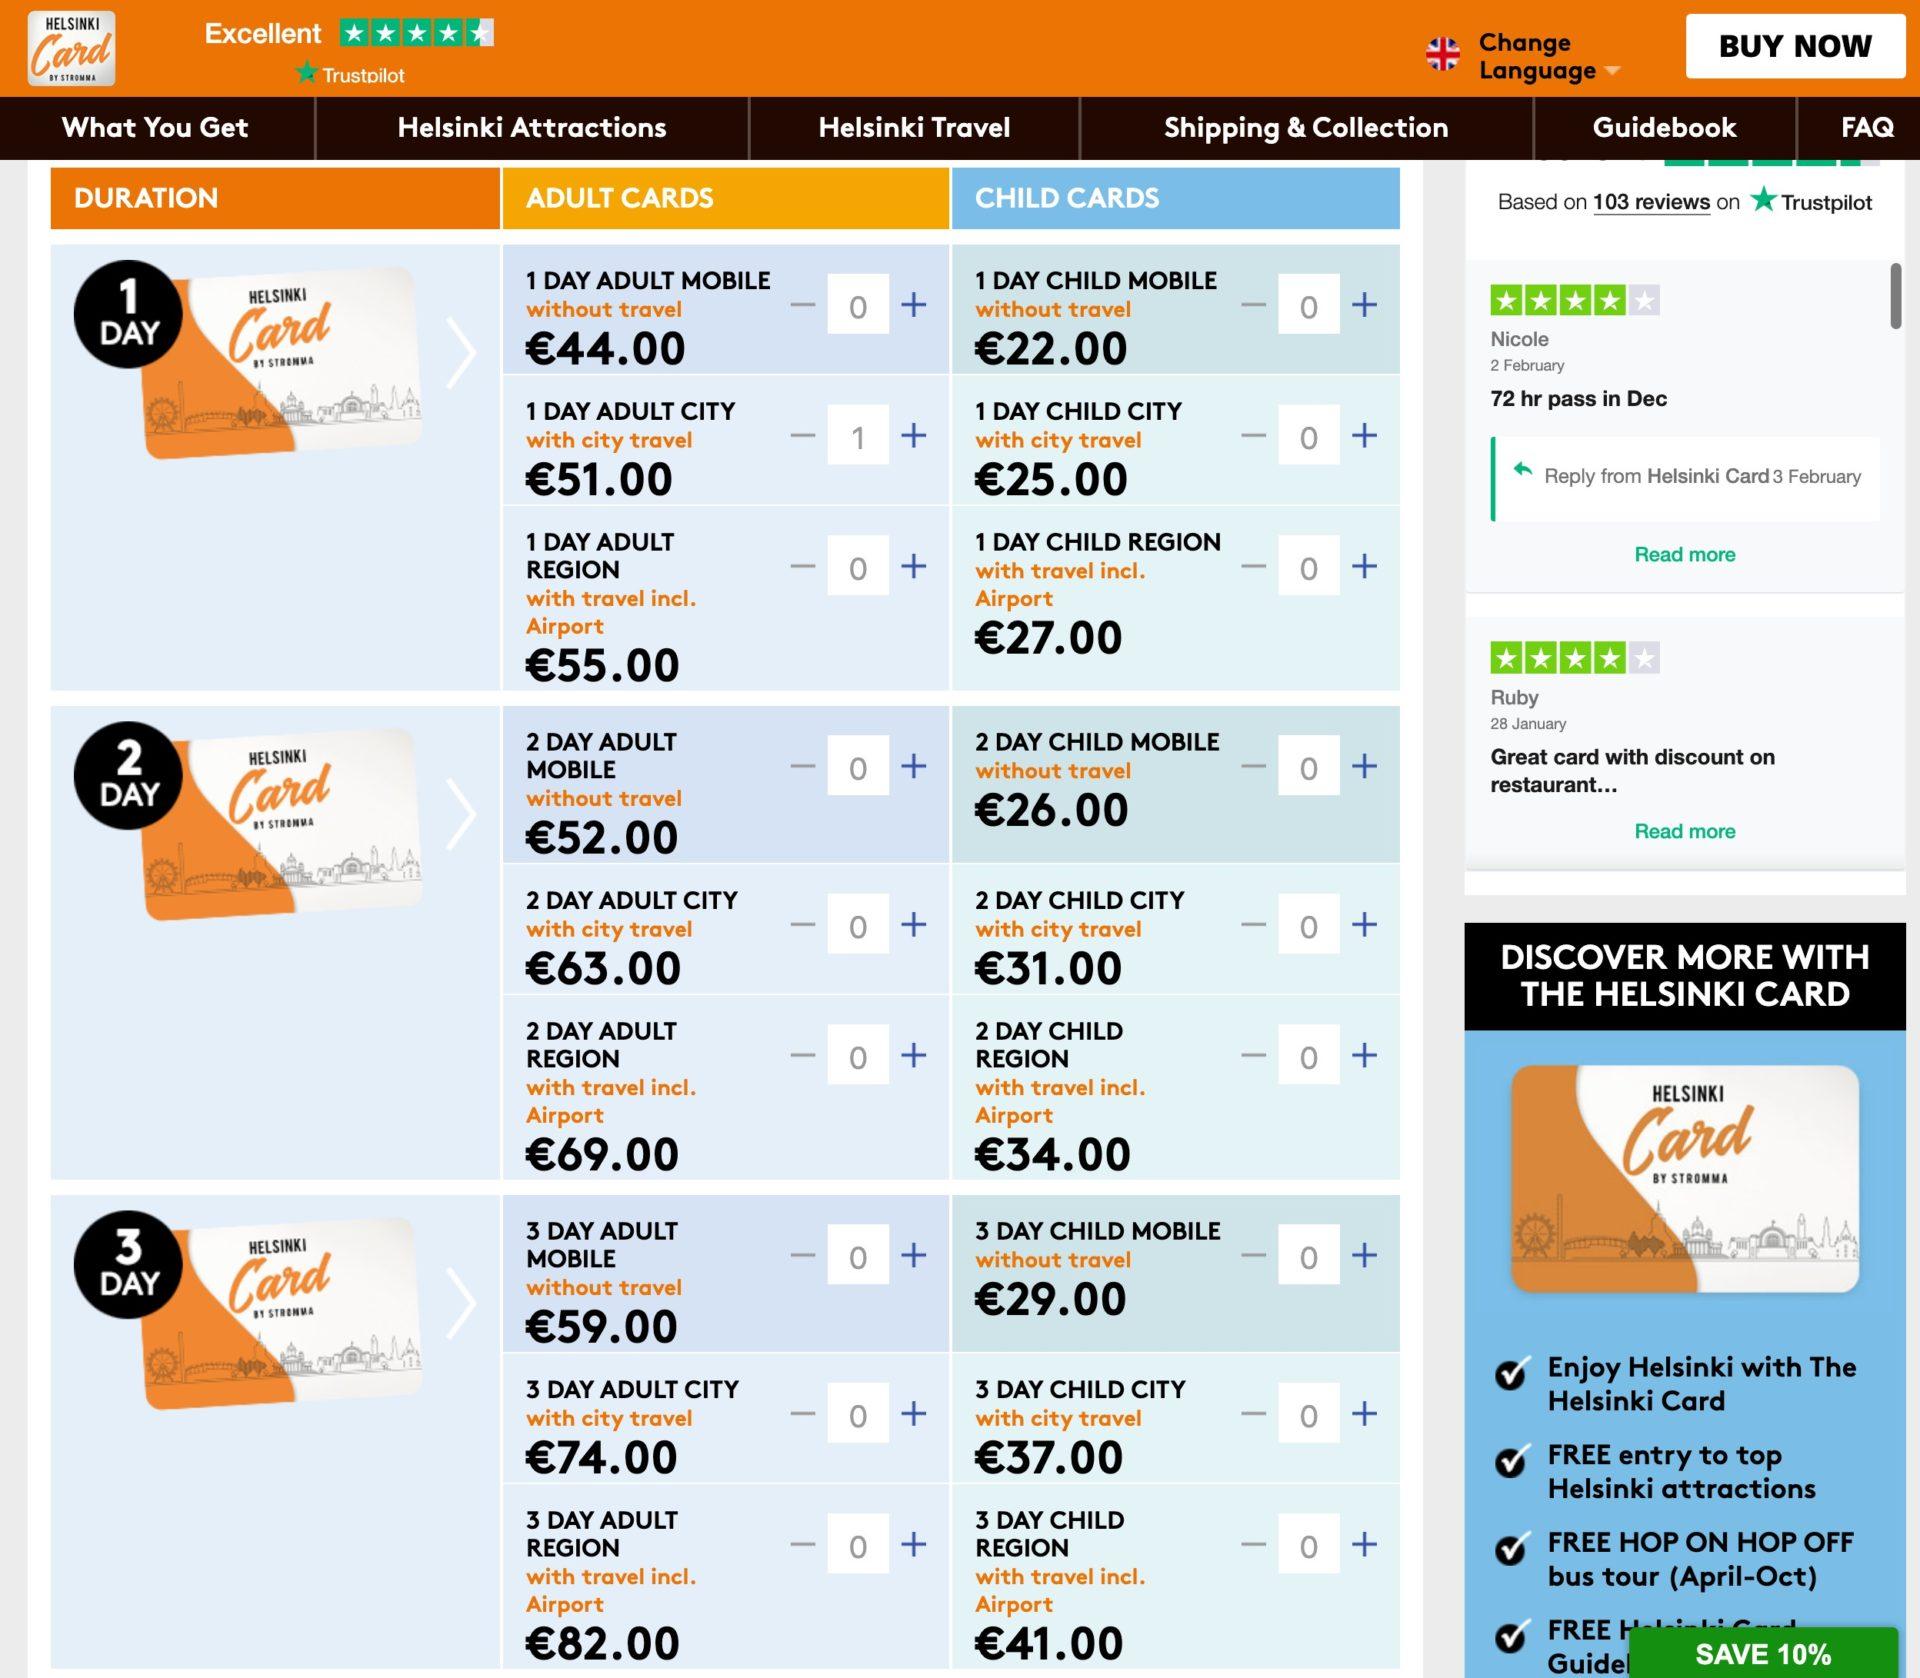 ヘルシンキカードは割安か?料金・旅のプランについて|Helsinki Card